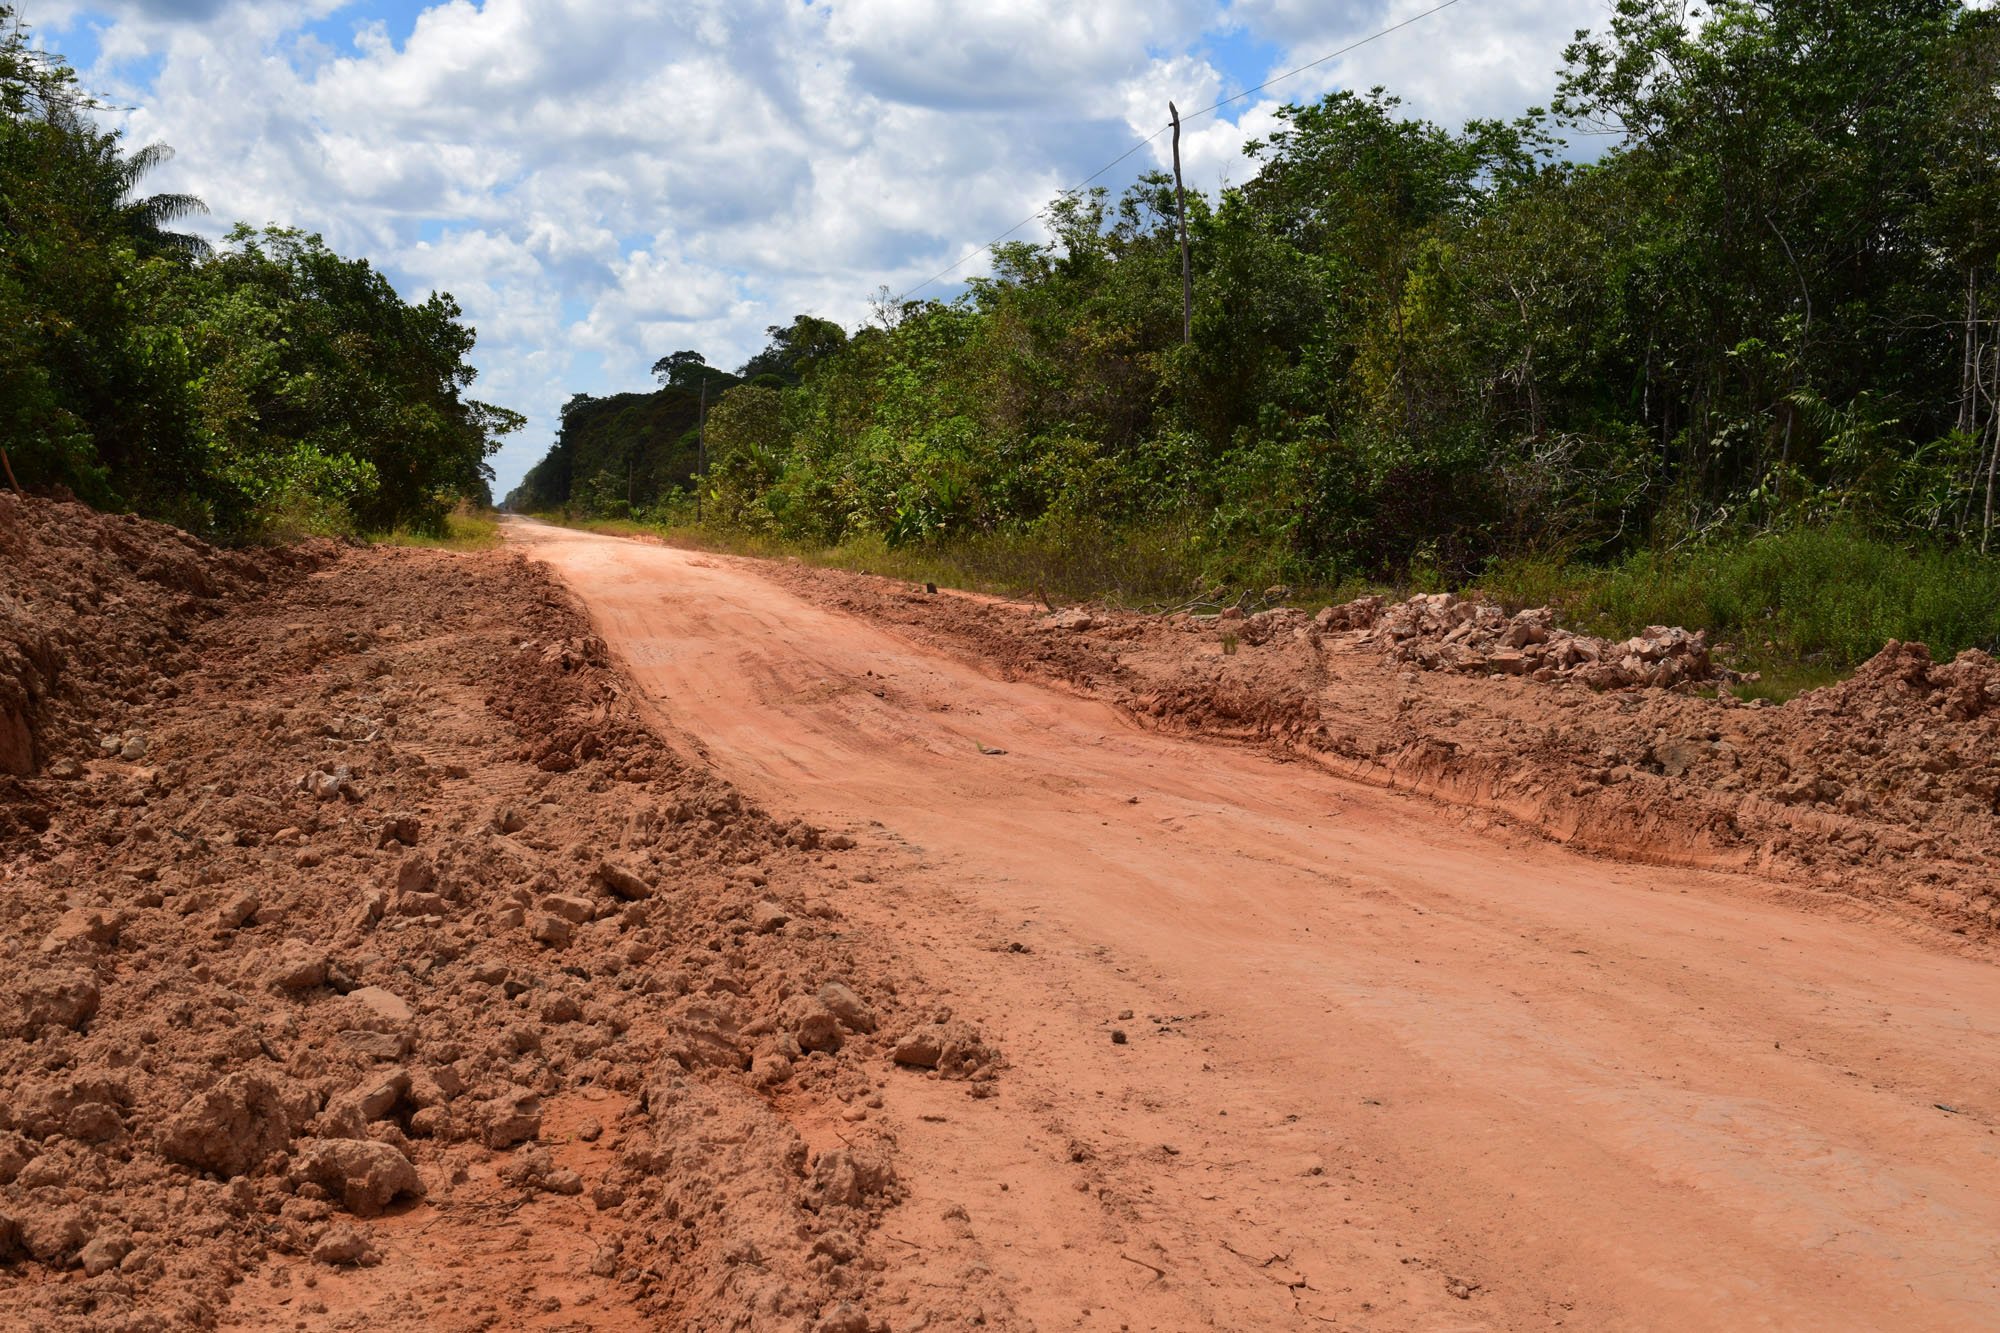 Estradas na Amazônia: um mal?